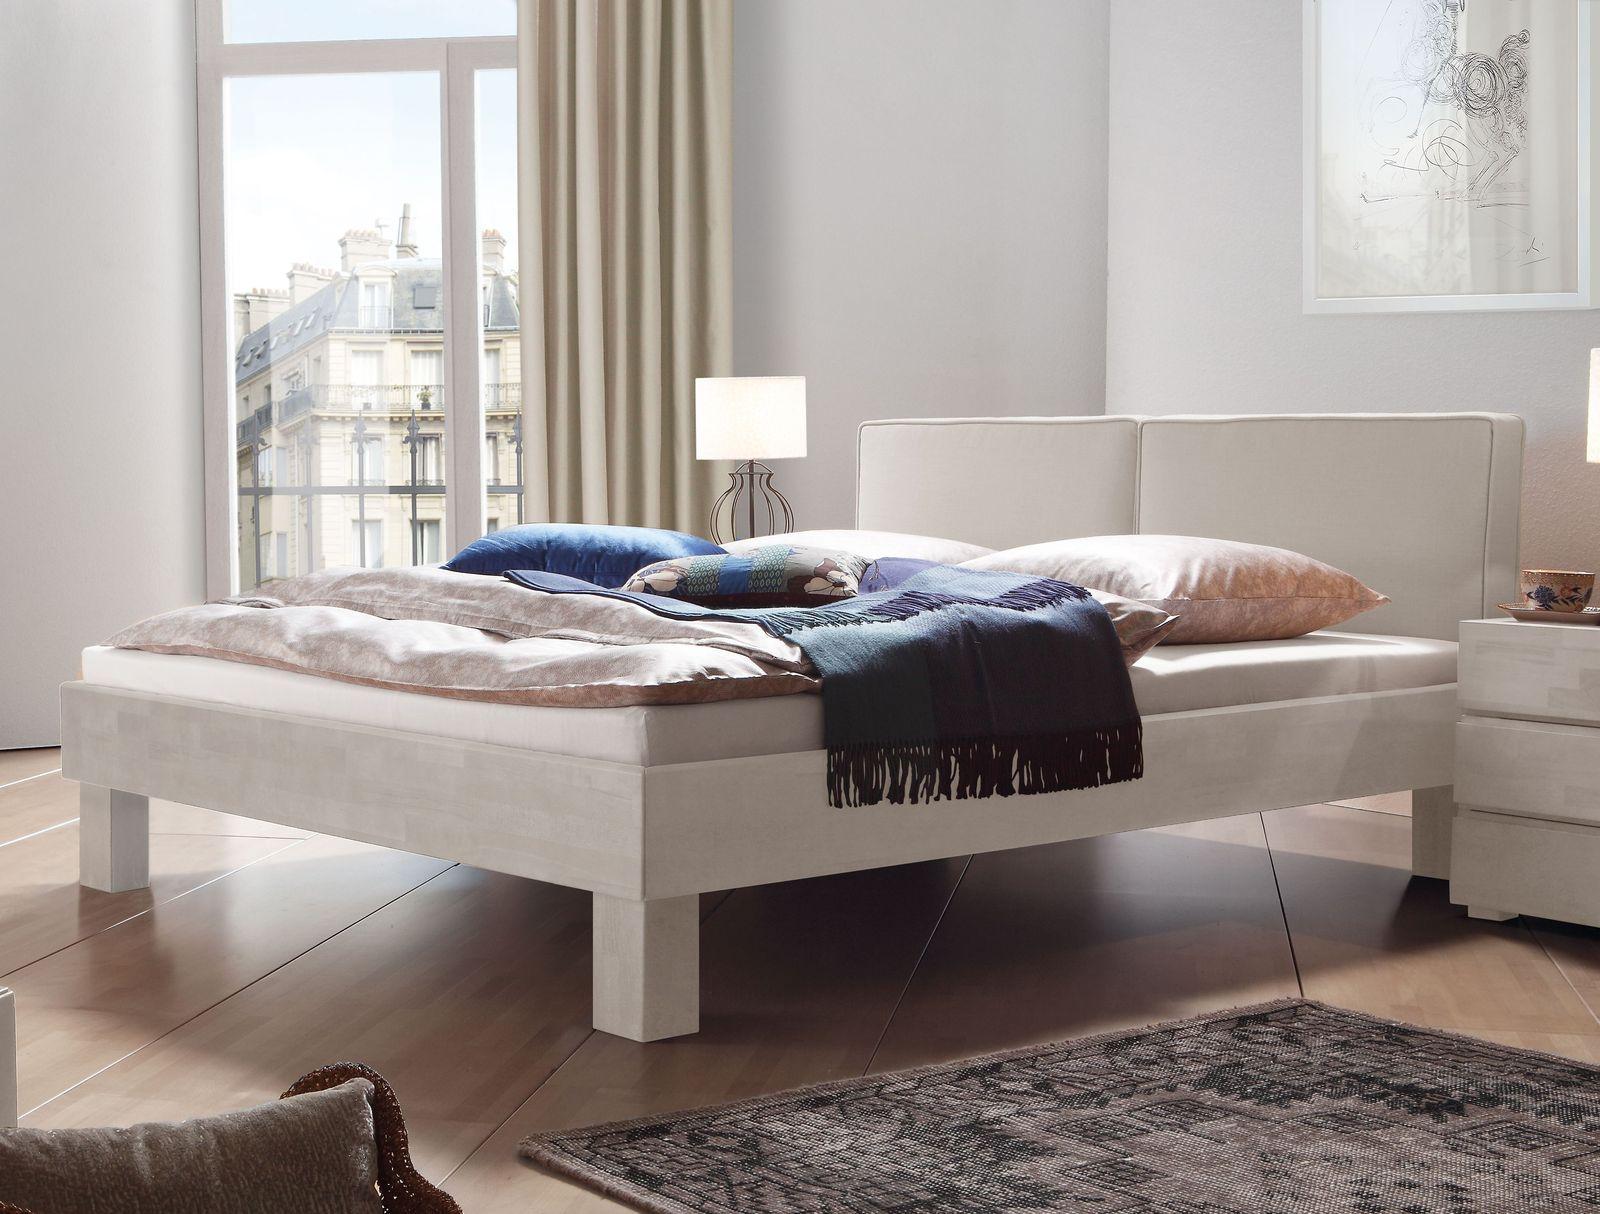 Doppelbett Massivholz mit Kopfteil in meliertem Webstoff - Tiago